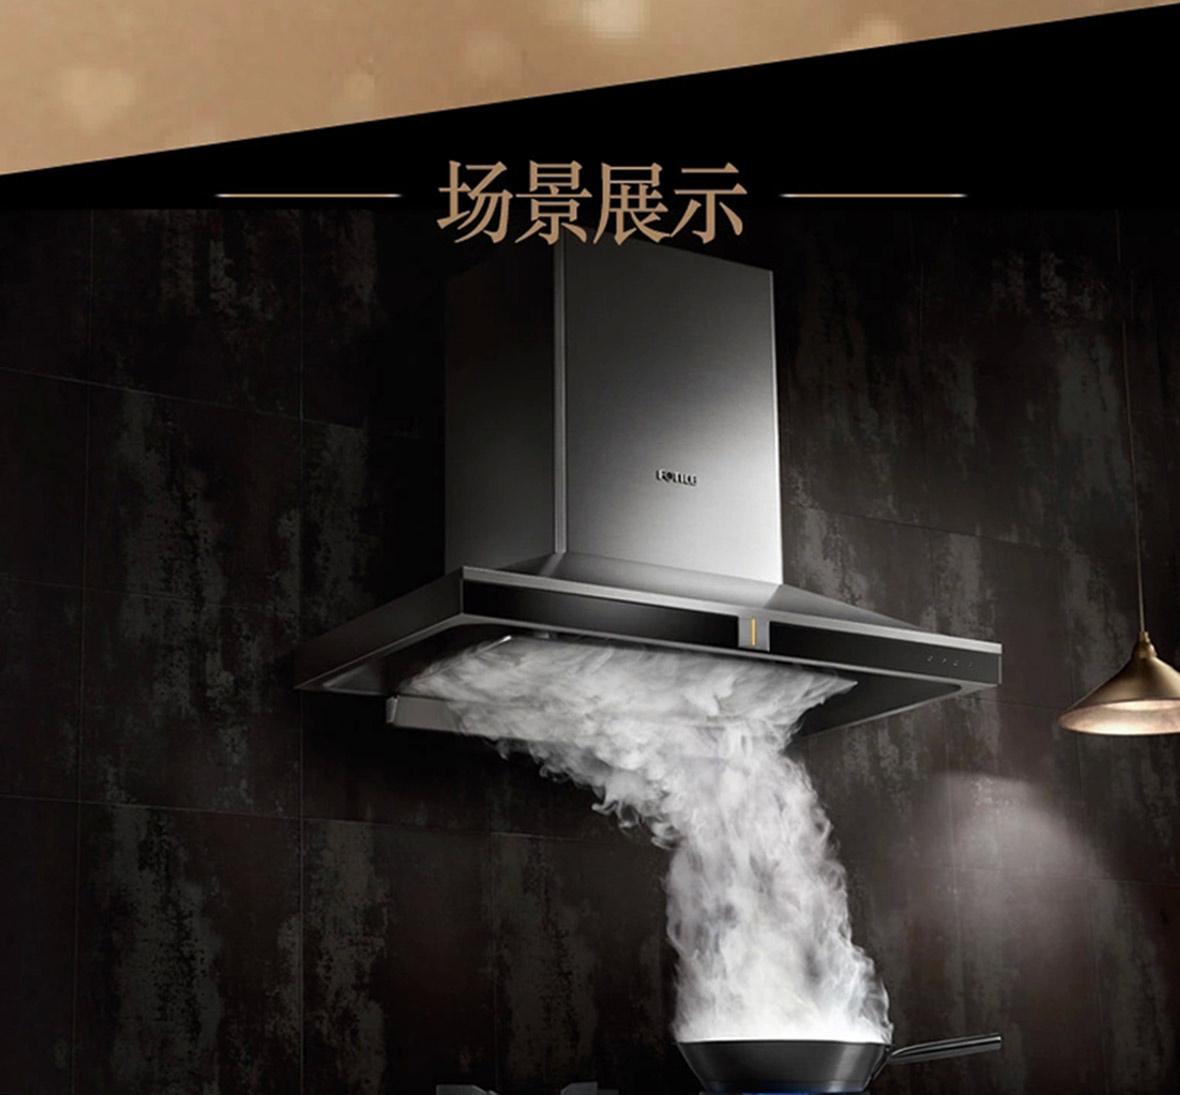 方太烟机 欧式油烟机 CXW-200-EM01T型号 智能大吸力